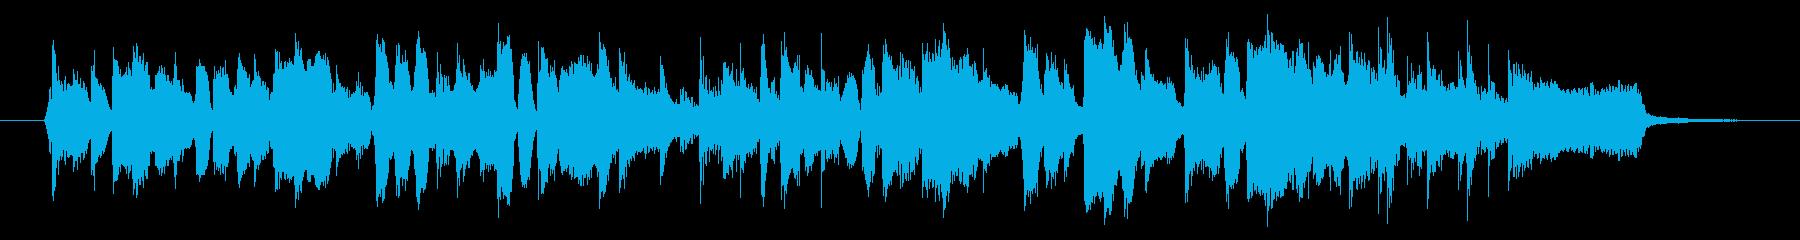 ハーモニカ生演奏ほのぼのライトロックの再生済みの波形